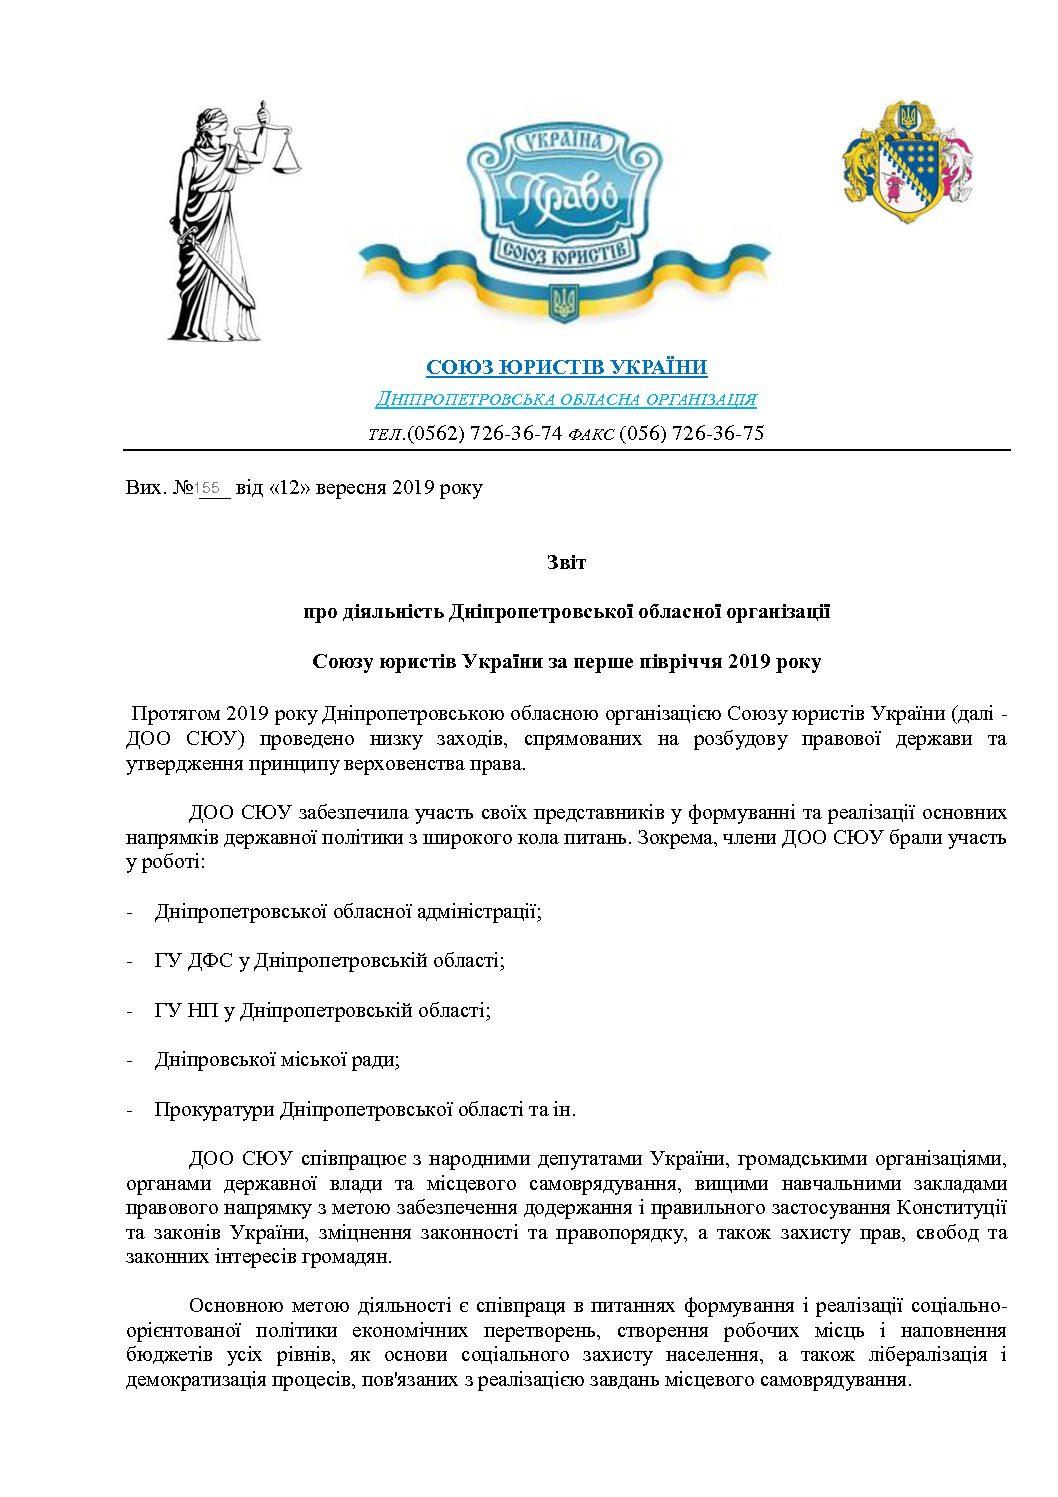 СЮУ отчет 1 полугод. 2019